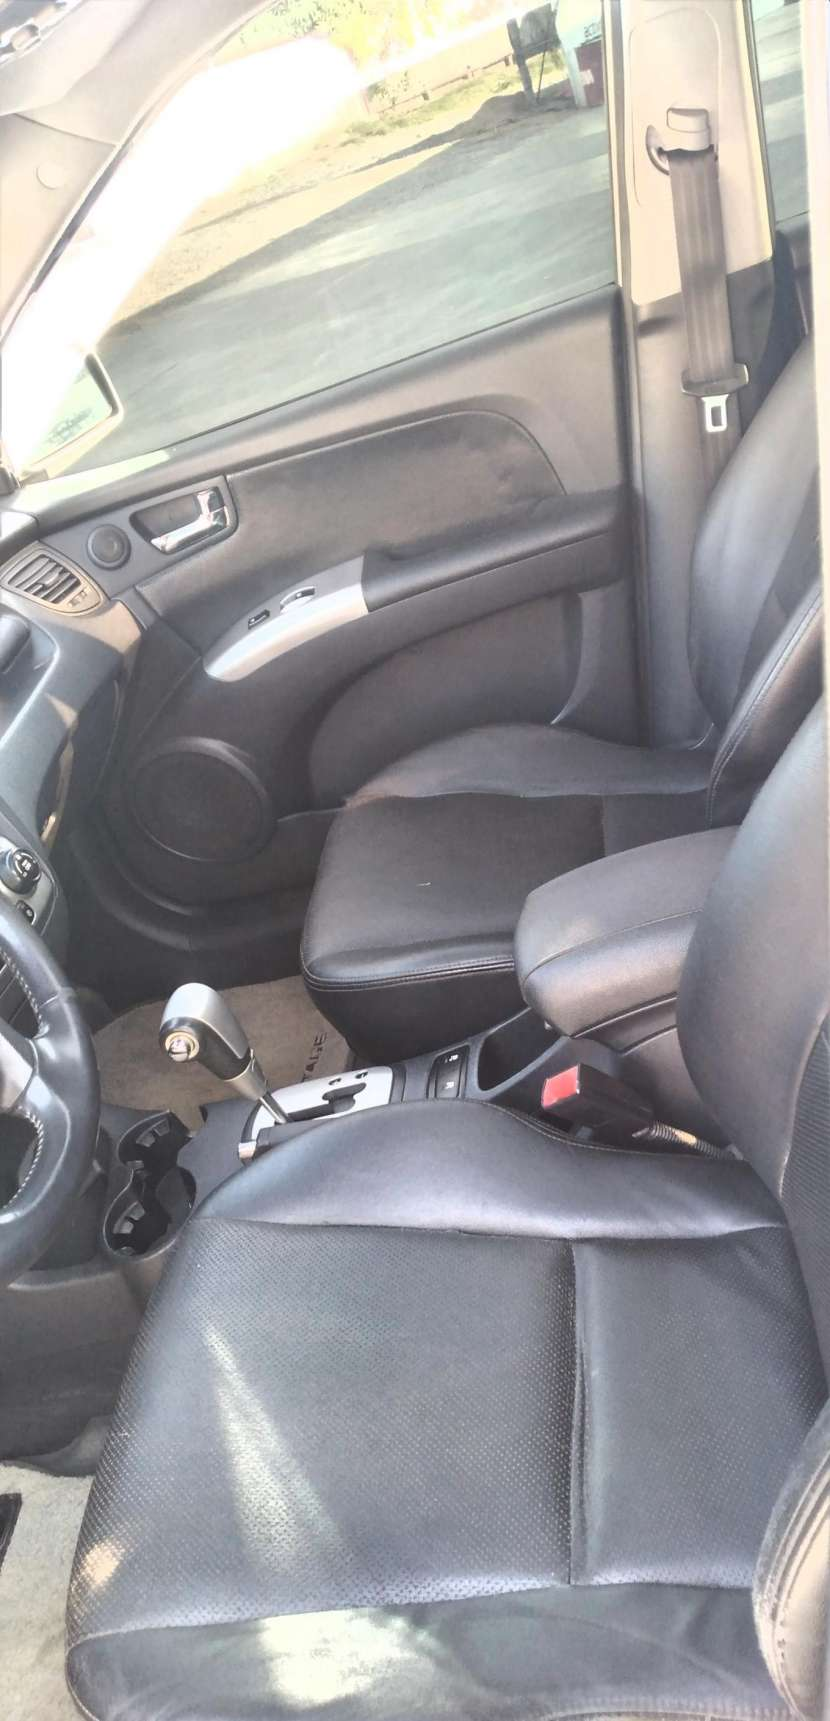 Kia sportage 2007 automático diésel la versión full equipo - 5